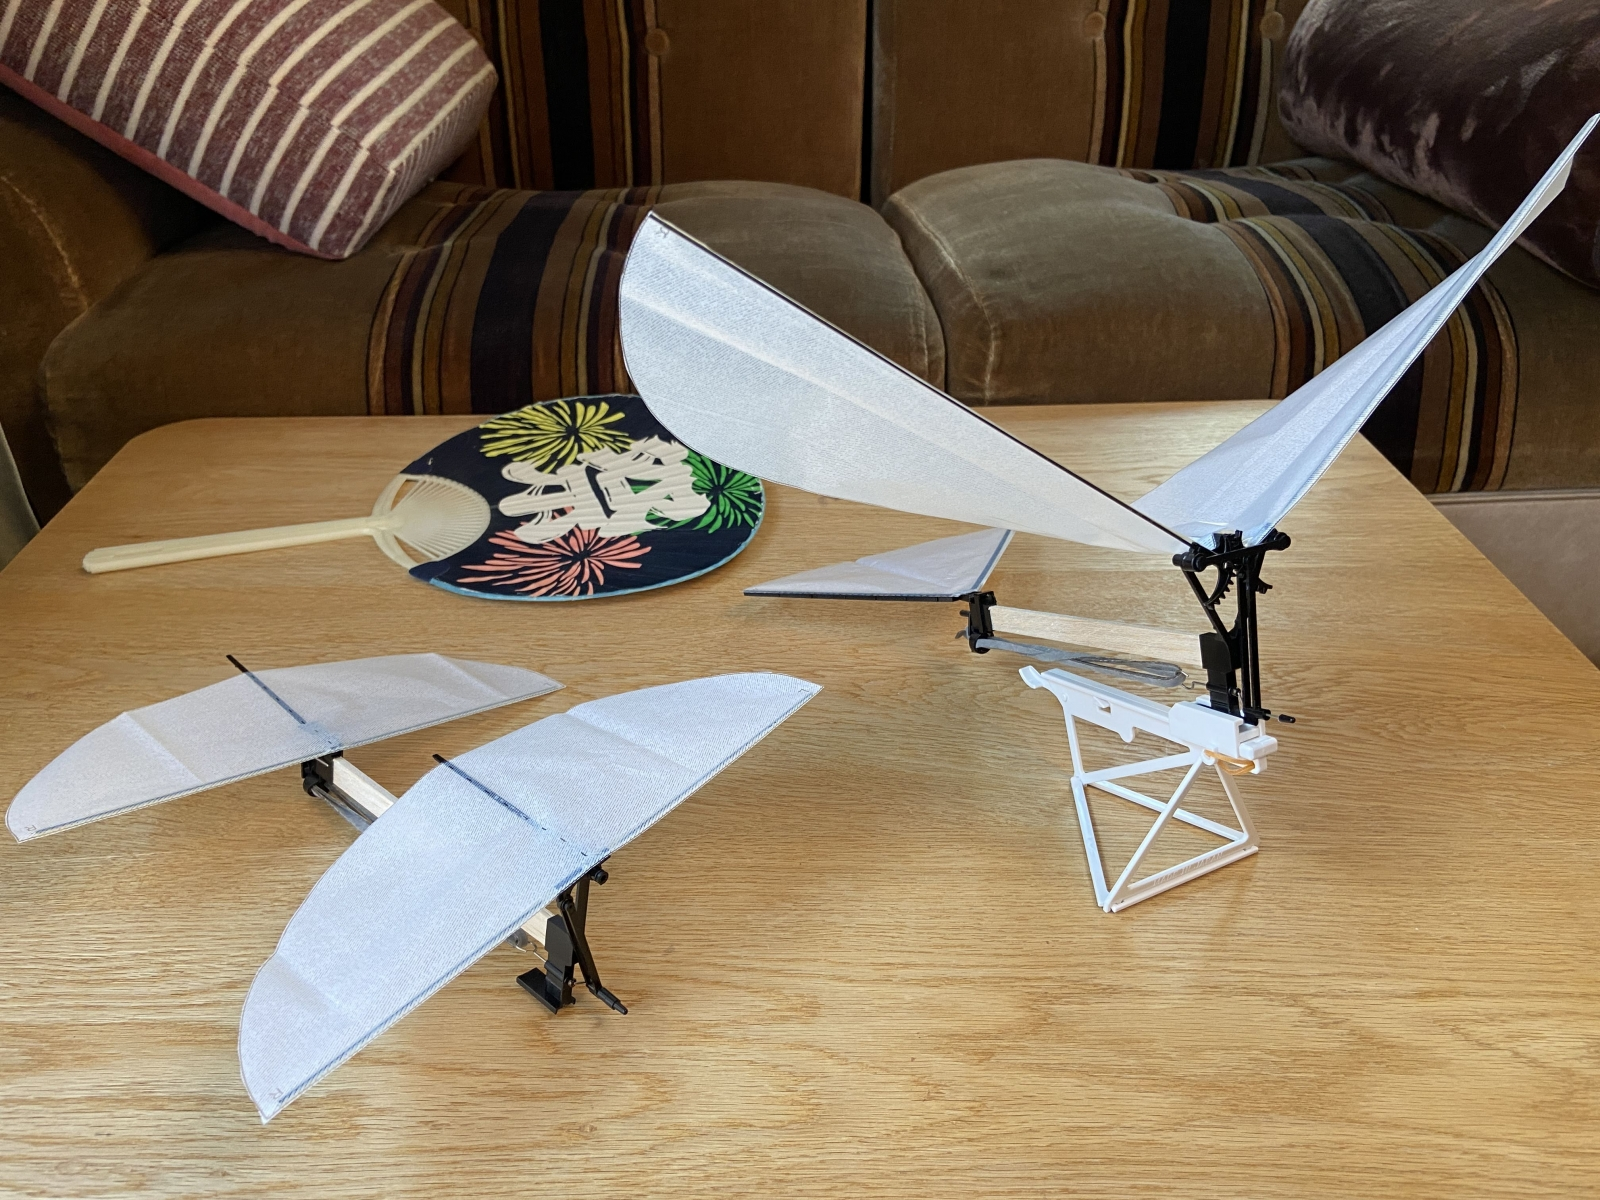 紙 飛行機 羽ばたく